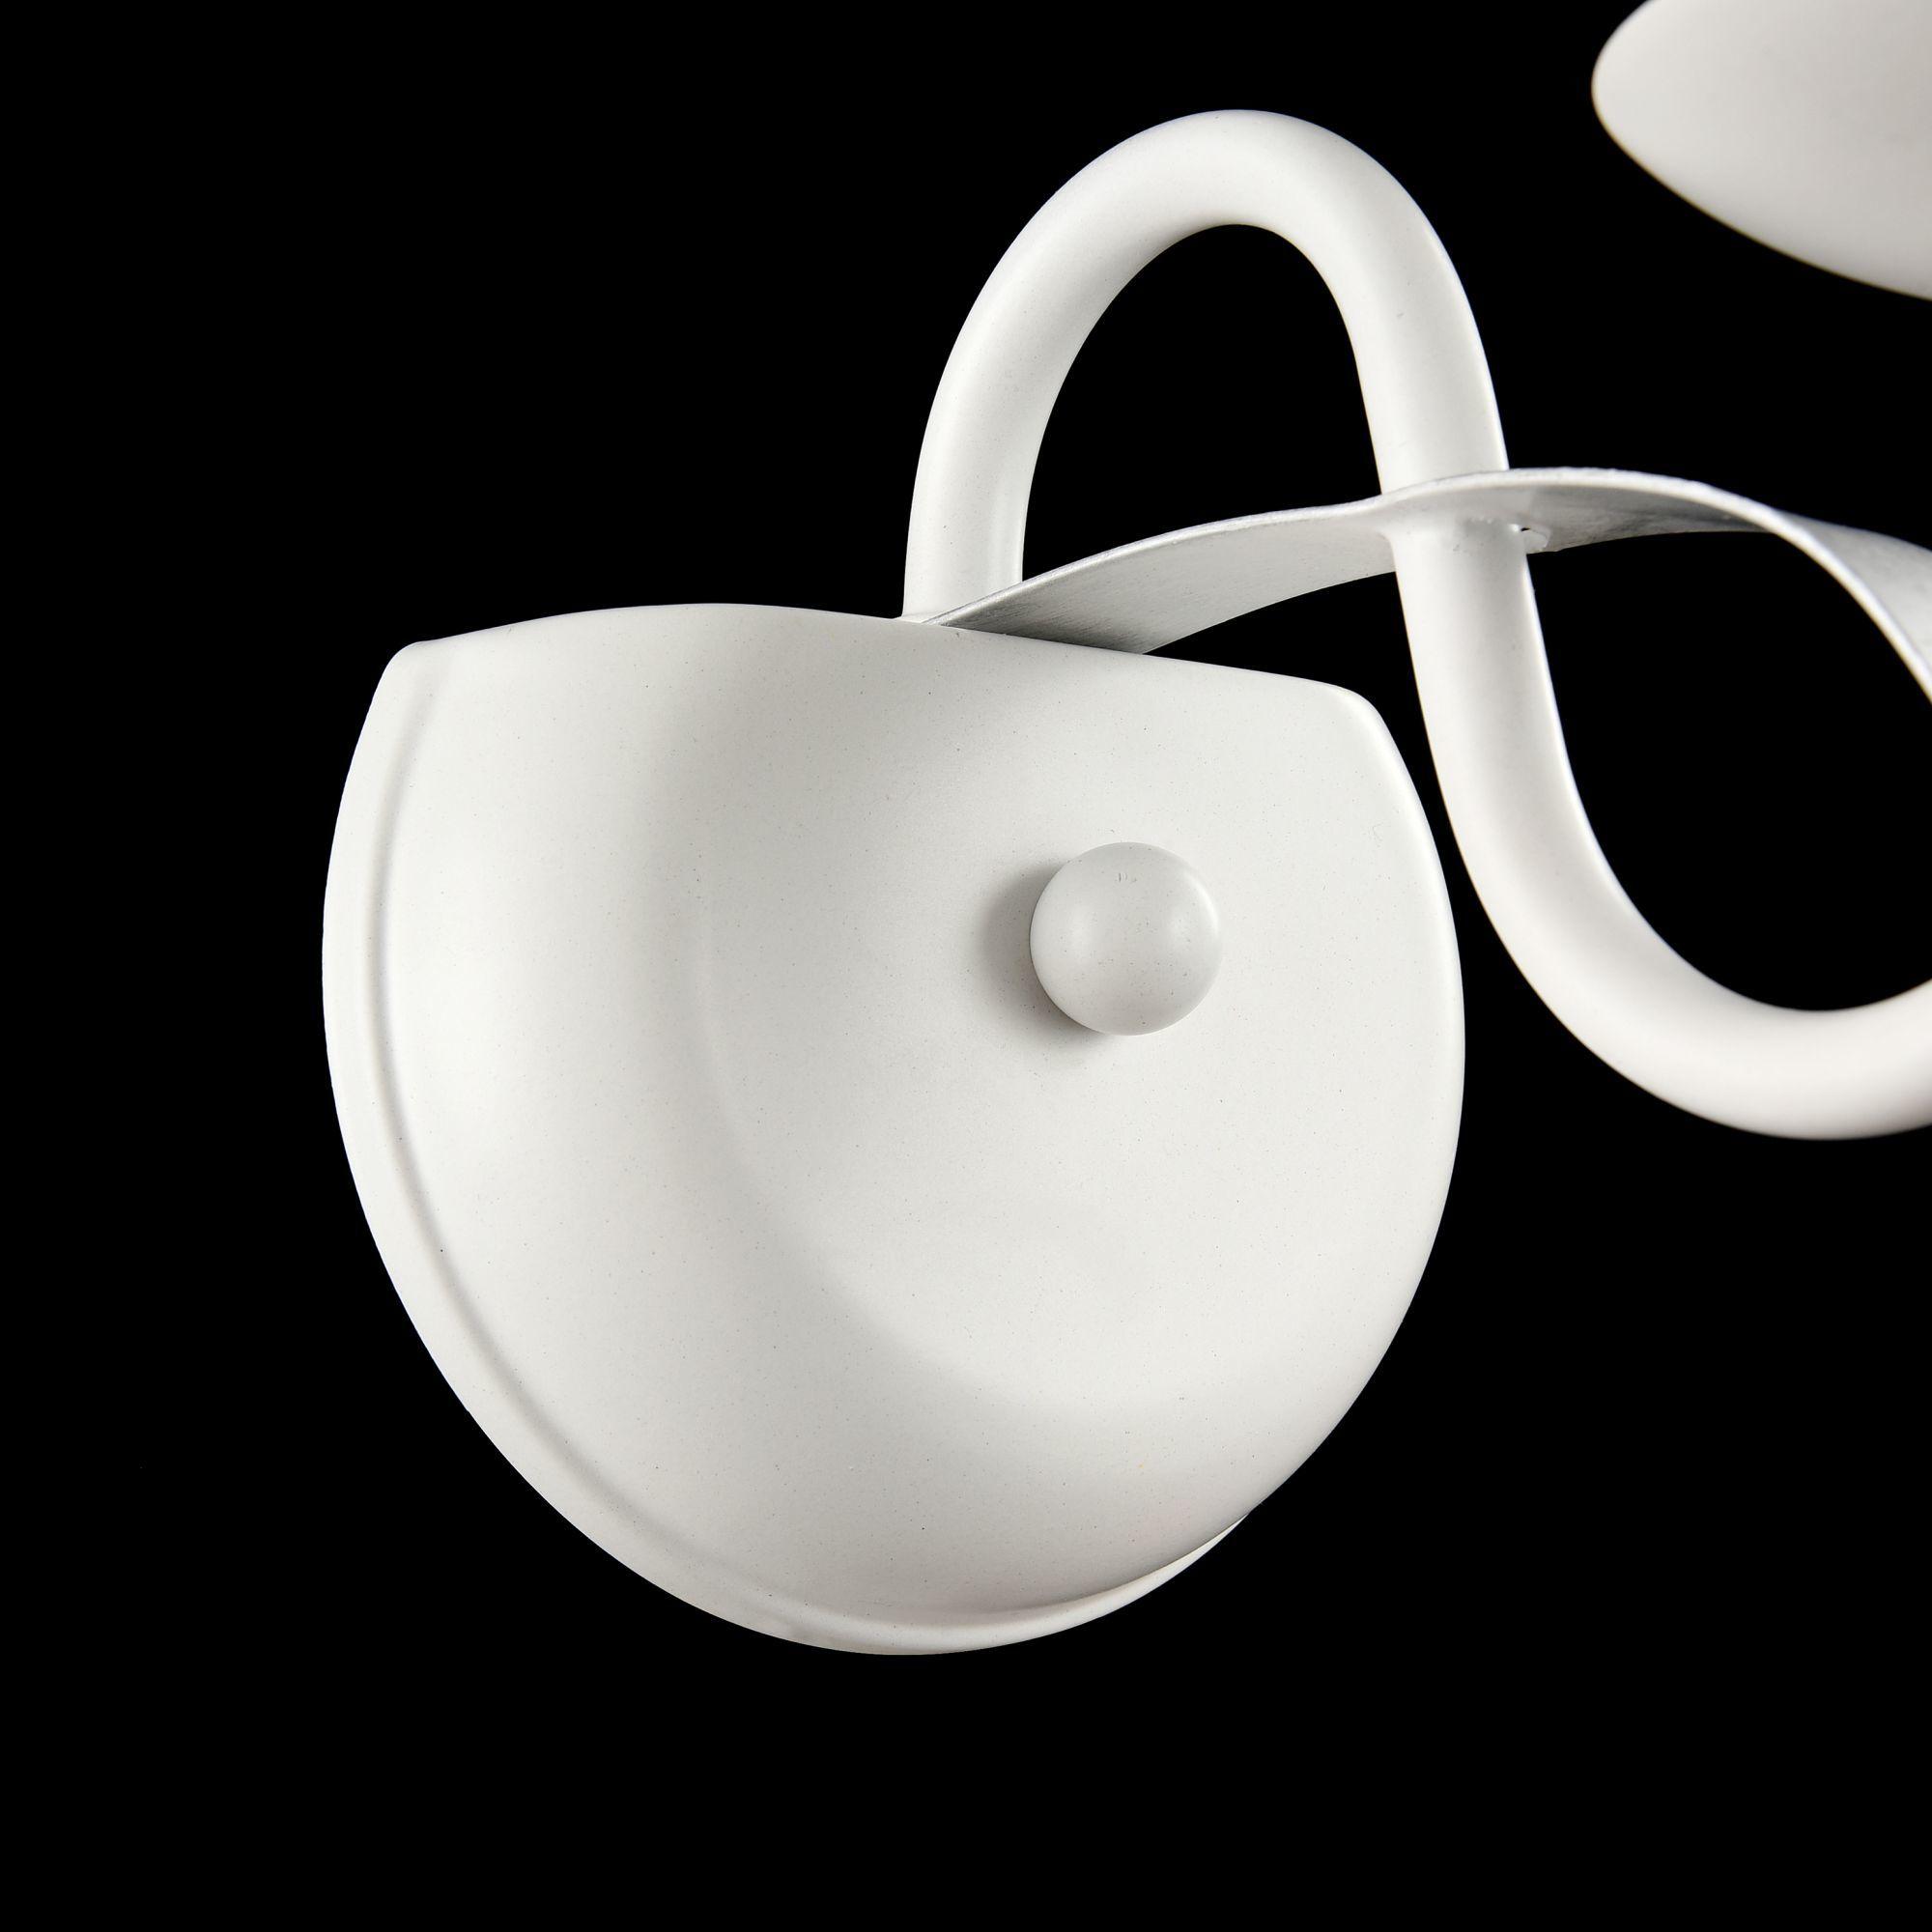 Бра Freya Diana FR5569-WL-01-W (fr569-01-w), 1xE14x40W, белый, серебро, металл, текстиль - фото 4